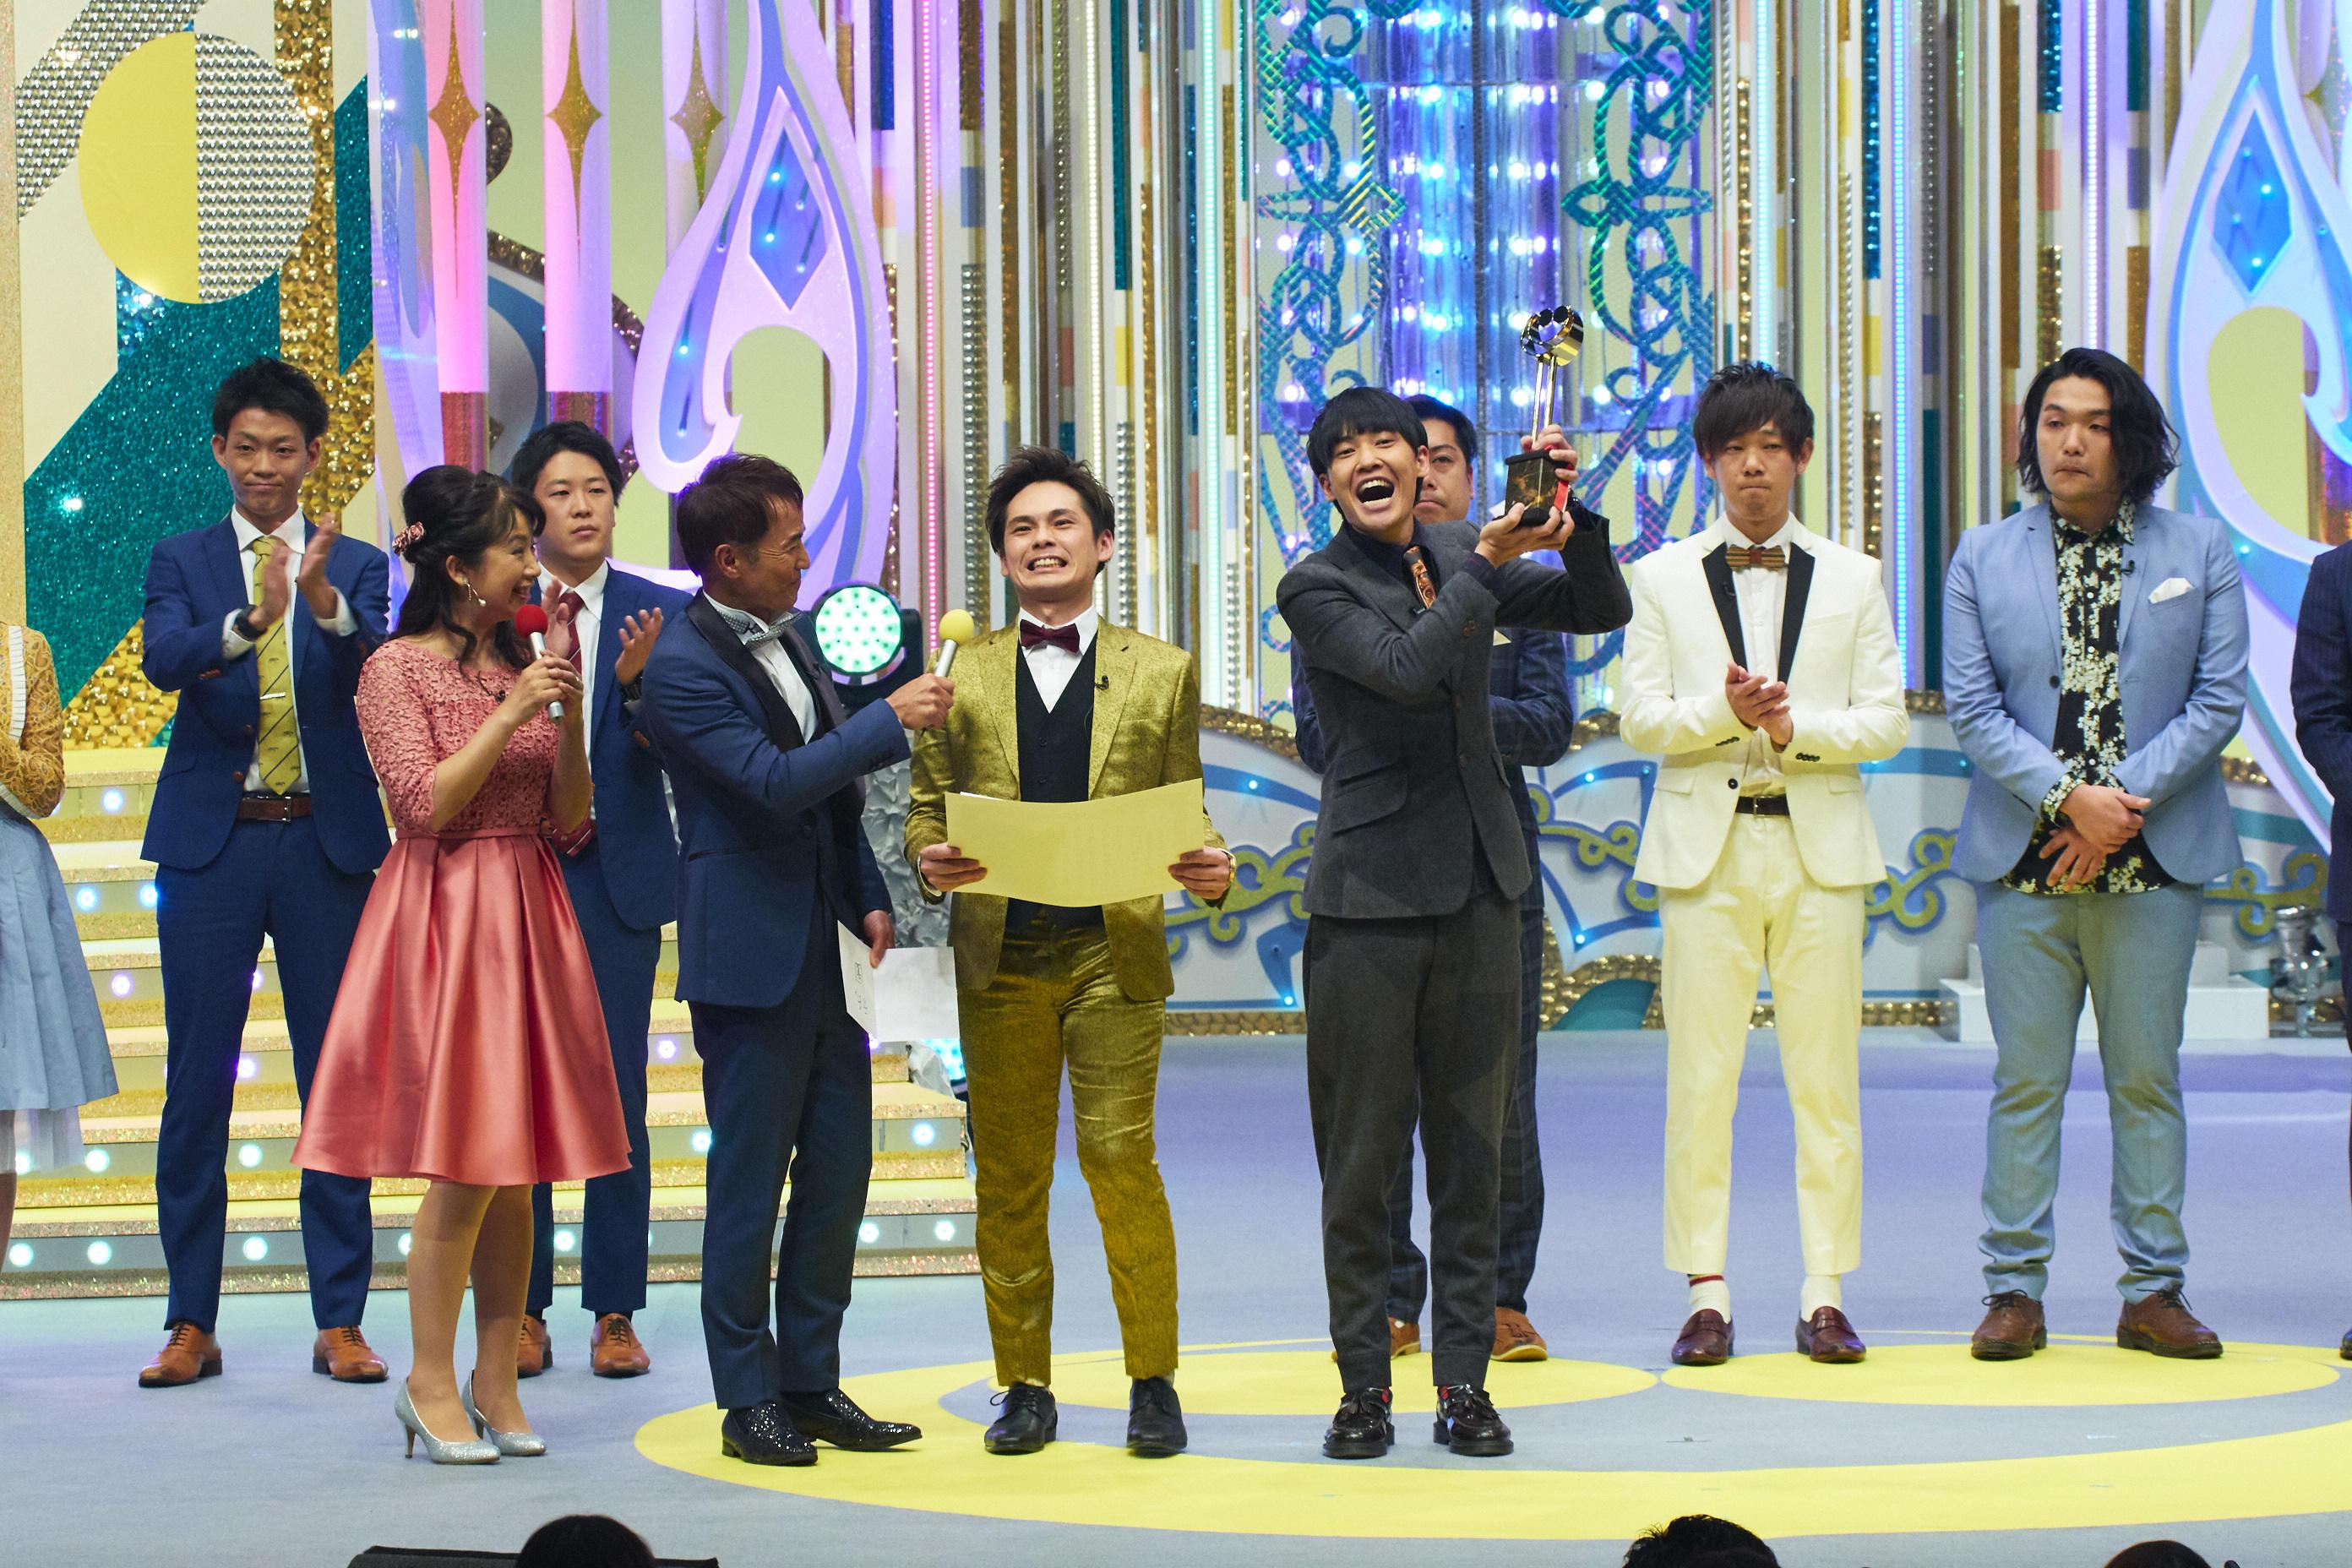 http://news.yoshimoto.co.jp/20180409143621-92dff3ae8af26de796058d92f25bcd56ee61c361.jpg